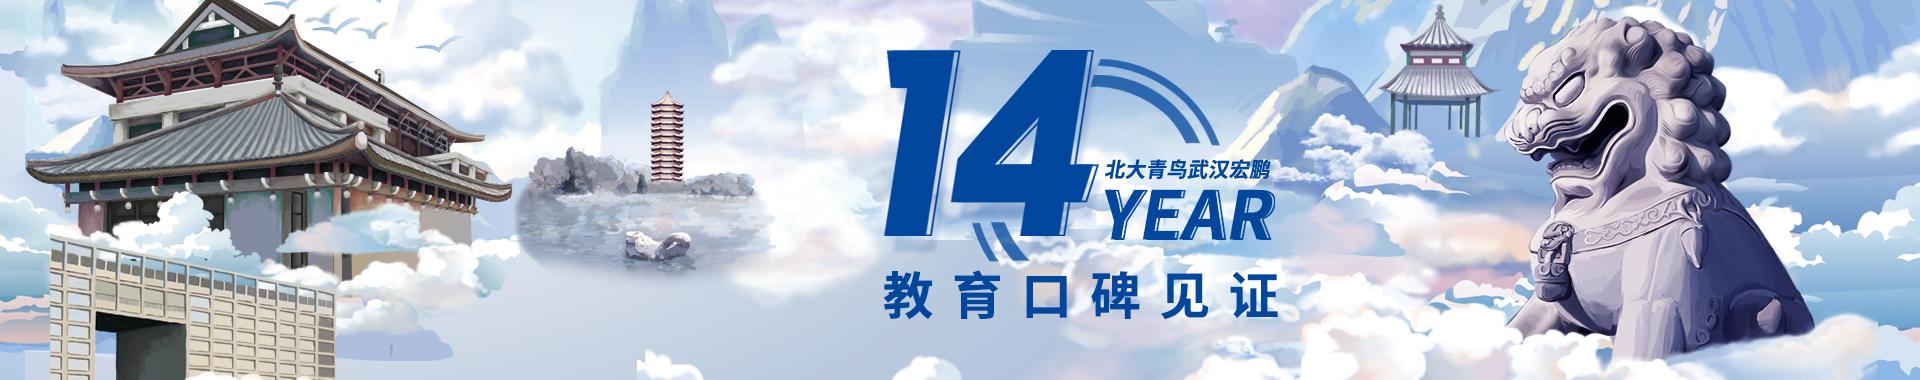 北大青鸟武汉宏鹏13周年校庆